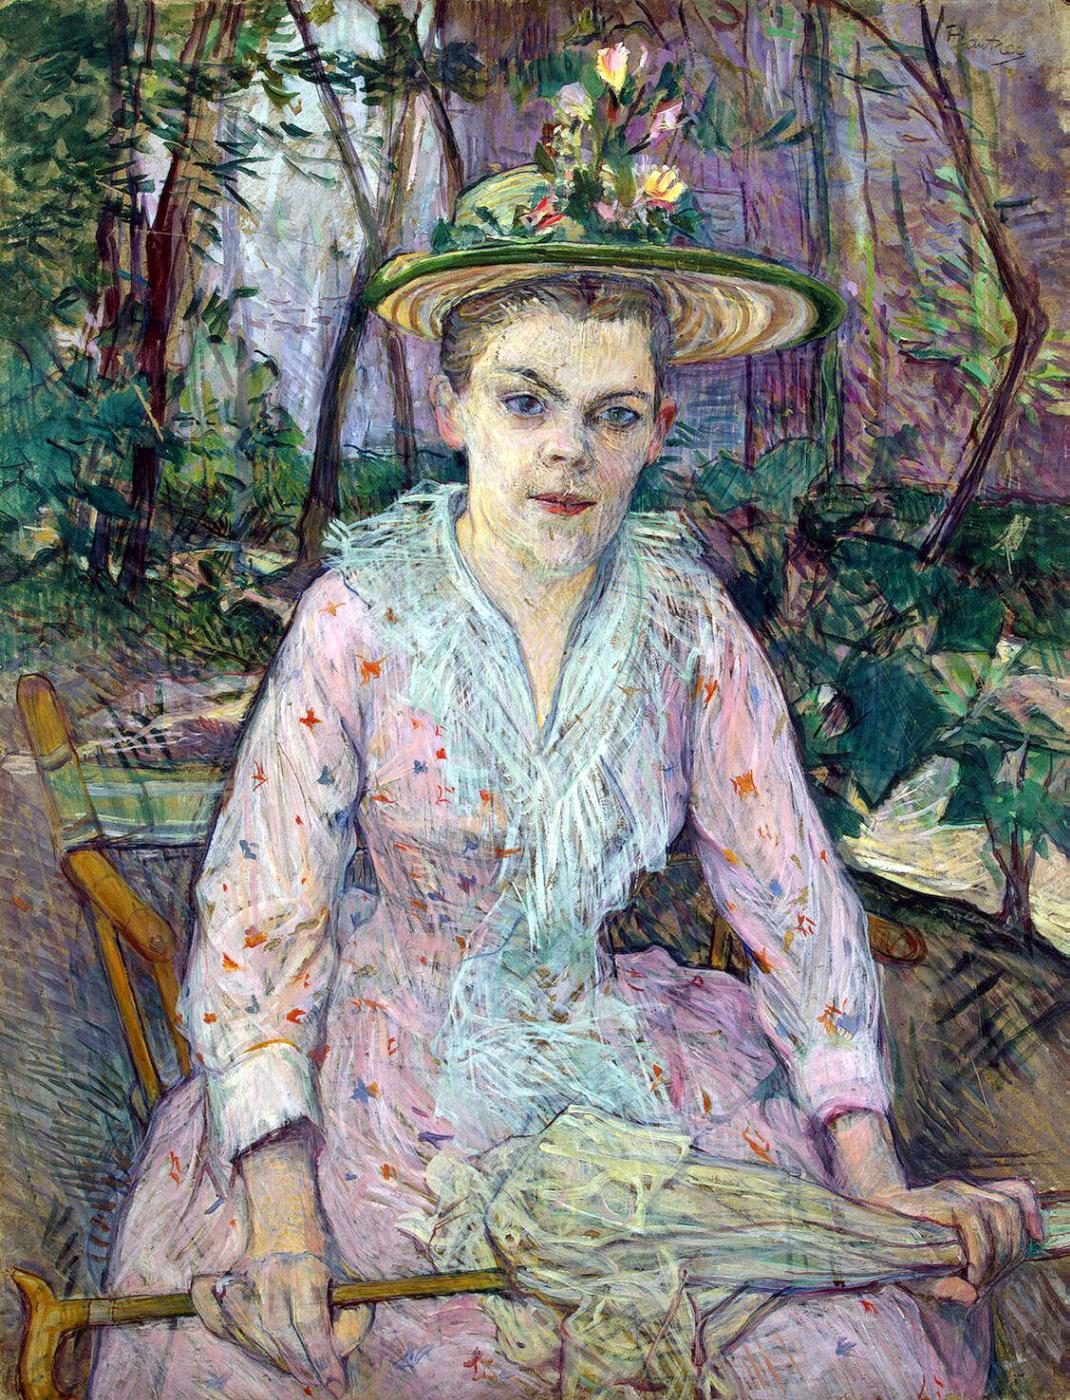 Henri de Toulouse-Lautrec. Woman with umbrella